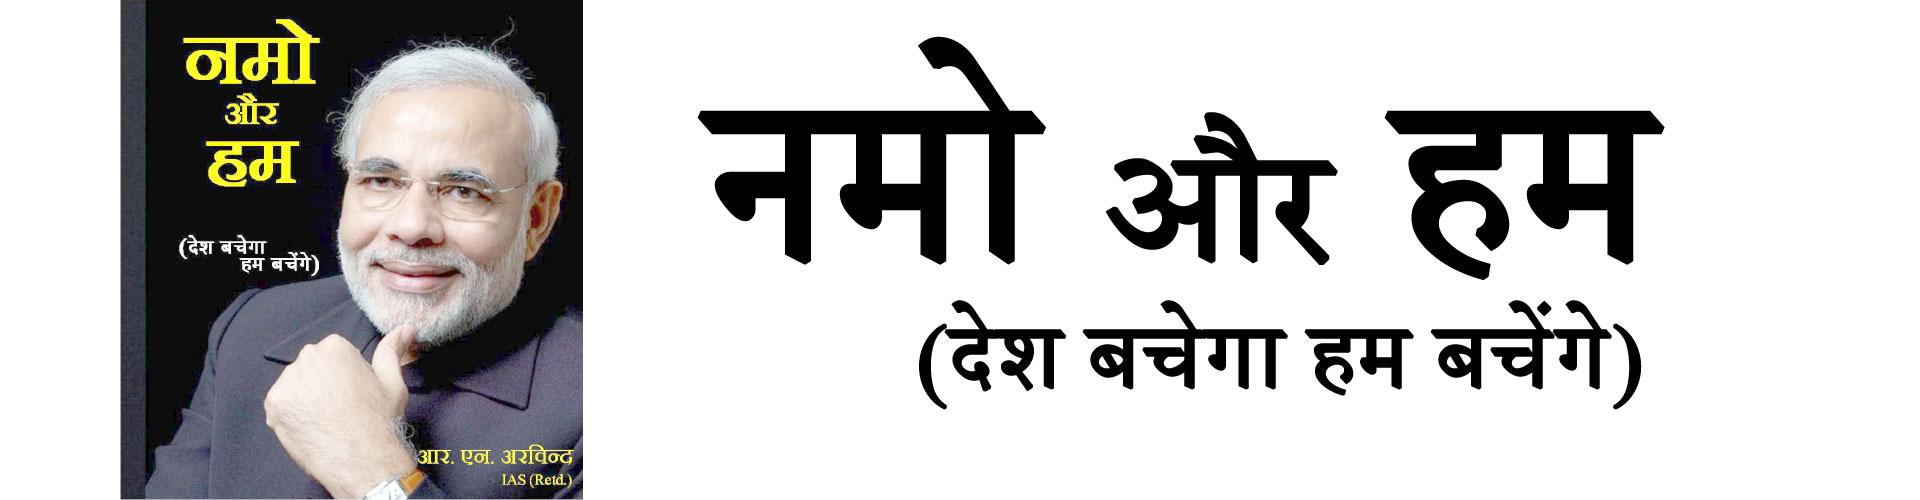 <p>नमो और हम &nbsp; (देश बचेगा हम बचेंगे) लेखक &#8211; आर एन अरविन्द IAS (Retd) इस पुस्तक का उद्देश्य मोदीजी की महानता से आम नागरिक को अवगत करवाना है- और पुस्तक का उद्देश्य आम नागरिक को खुद की जिम्मेवारियों के बाबत अवगत कराना है&#8230;&#8230;.. जहां हम मोदीजी से बहुत सी [&hellip;]</p>